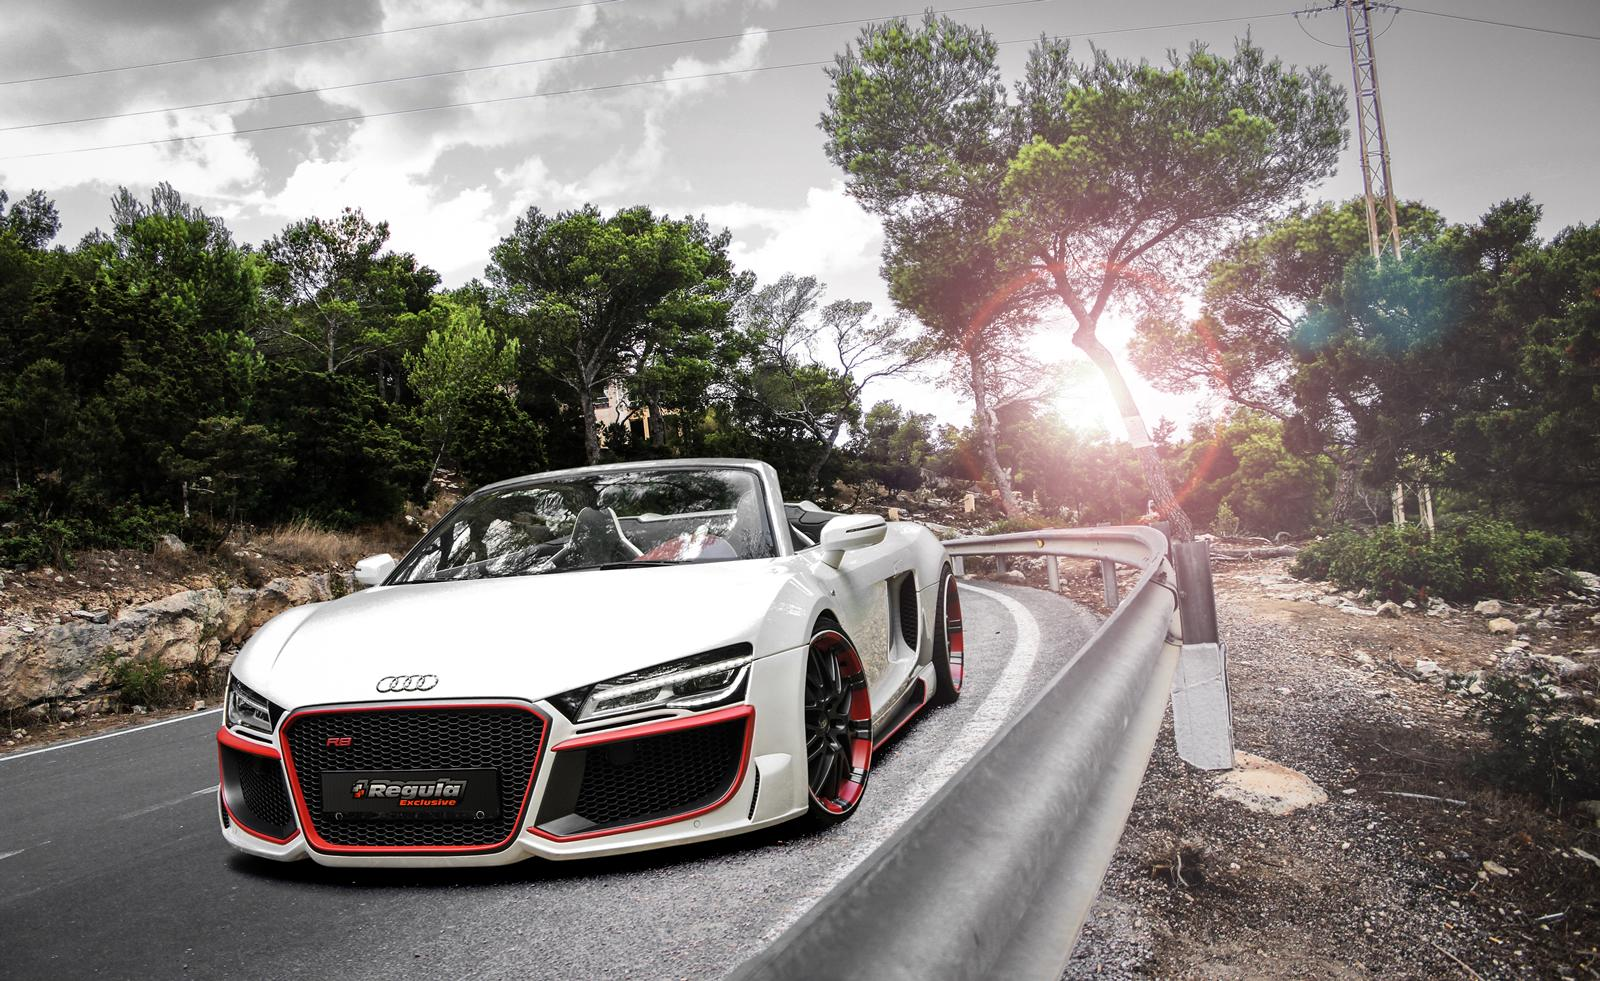 Official Audi R8 V10 Spyder By Regula Tuning Gtspirit